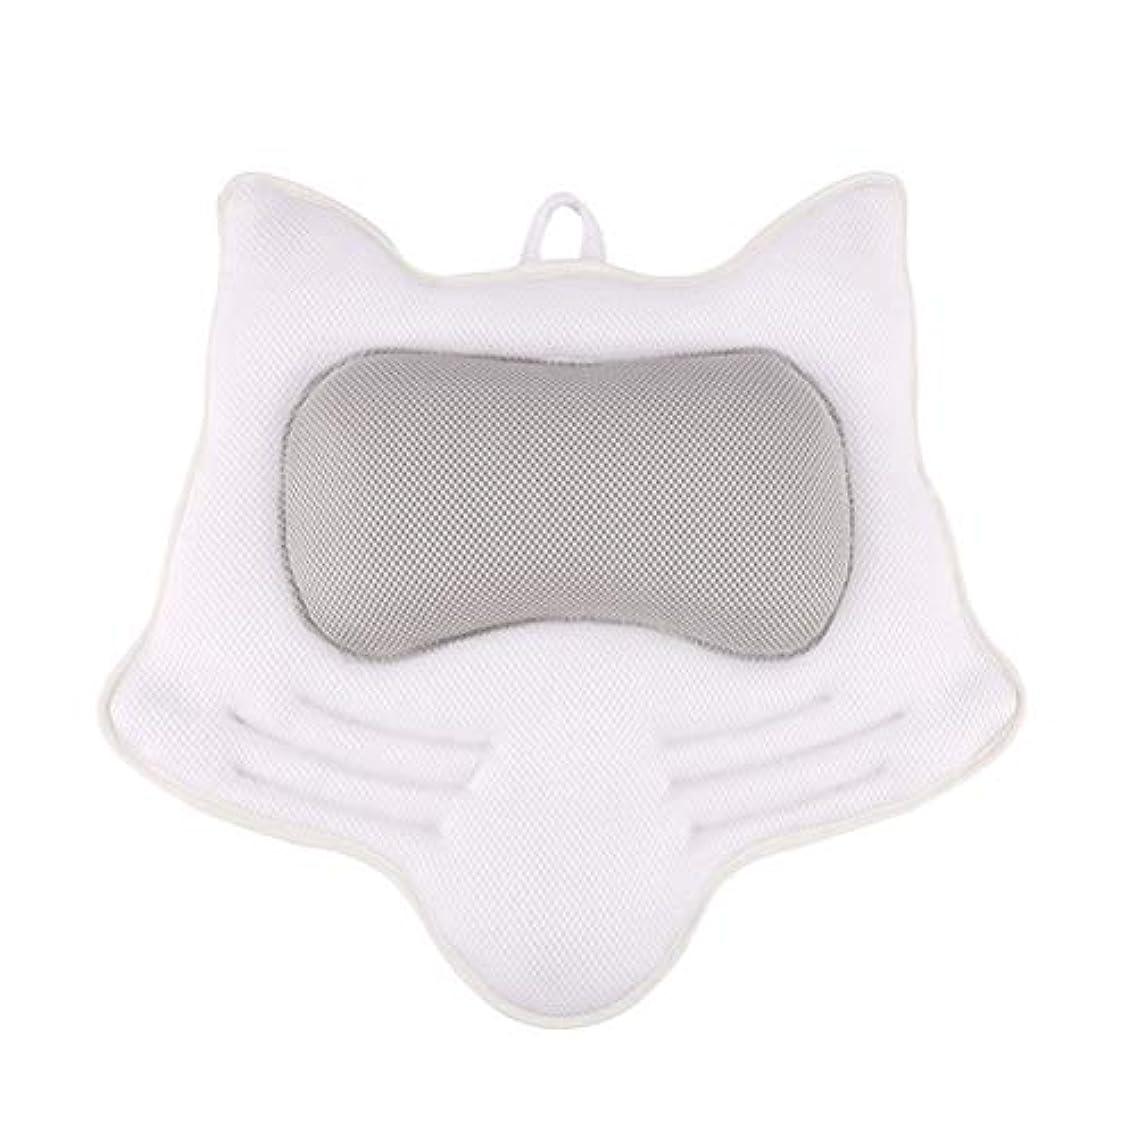 湿度衛星誕生日SUPVOX お風呂まくら バスピロー 滑り止め付 バスタブ 人気 肩こり 熟睡 浴用品 ネックサポートサクションカップ ホワイト